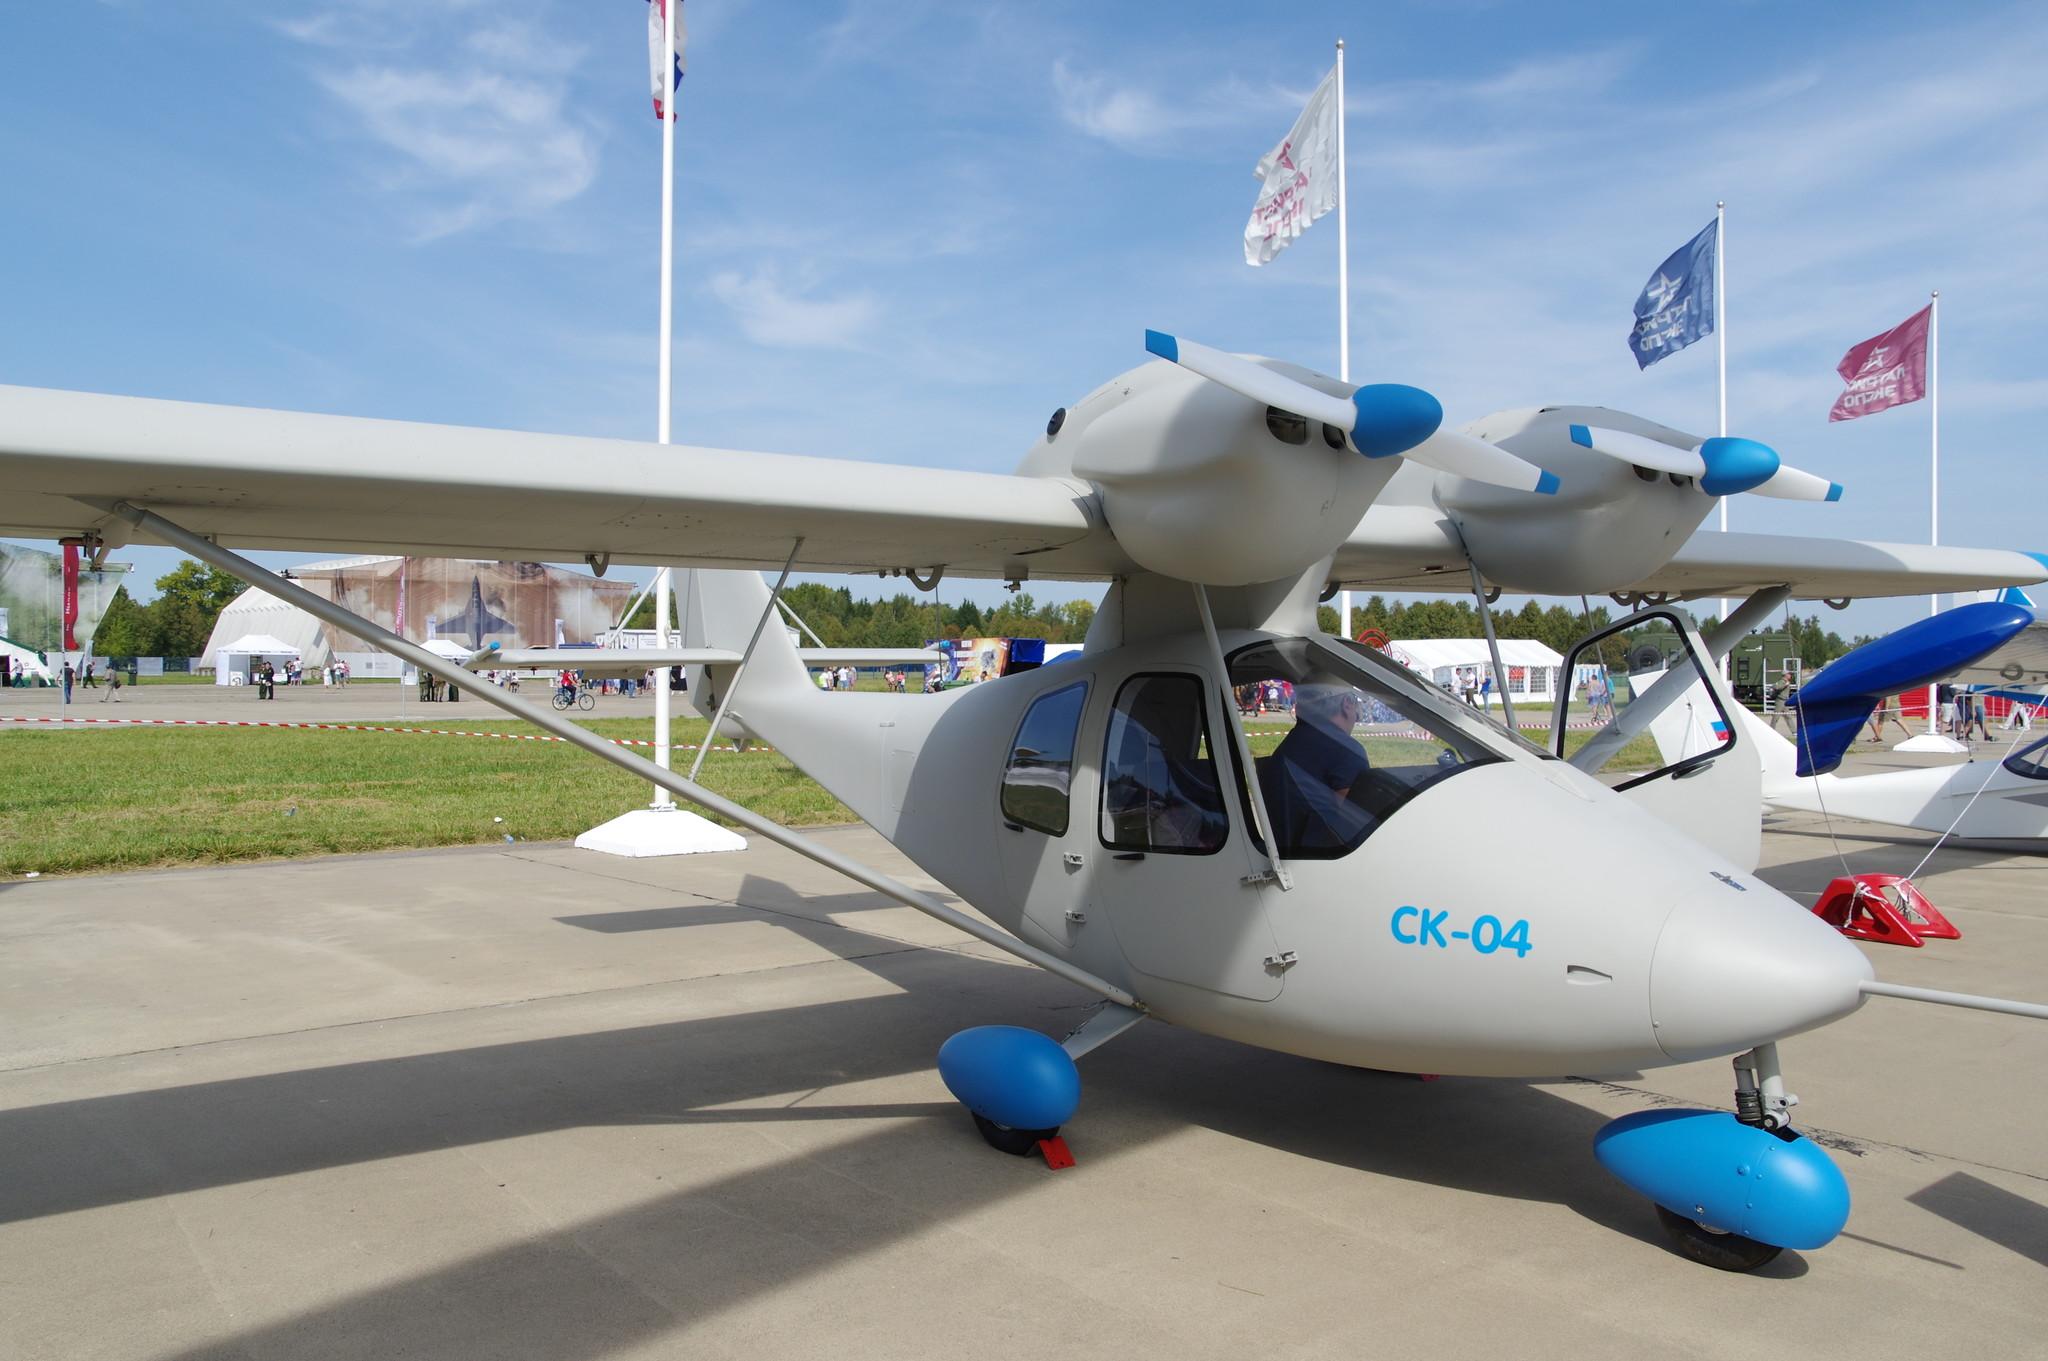 Четырёхместный самолёт «СК-04»